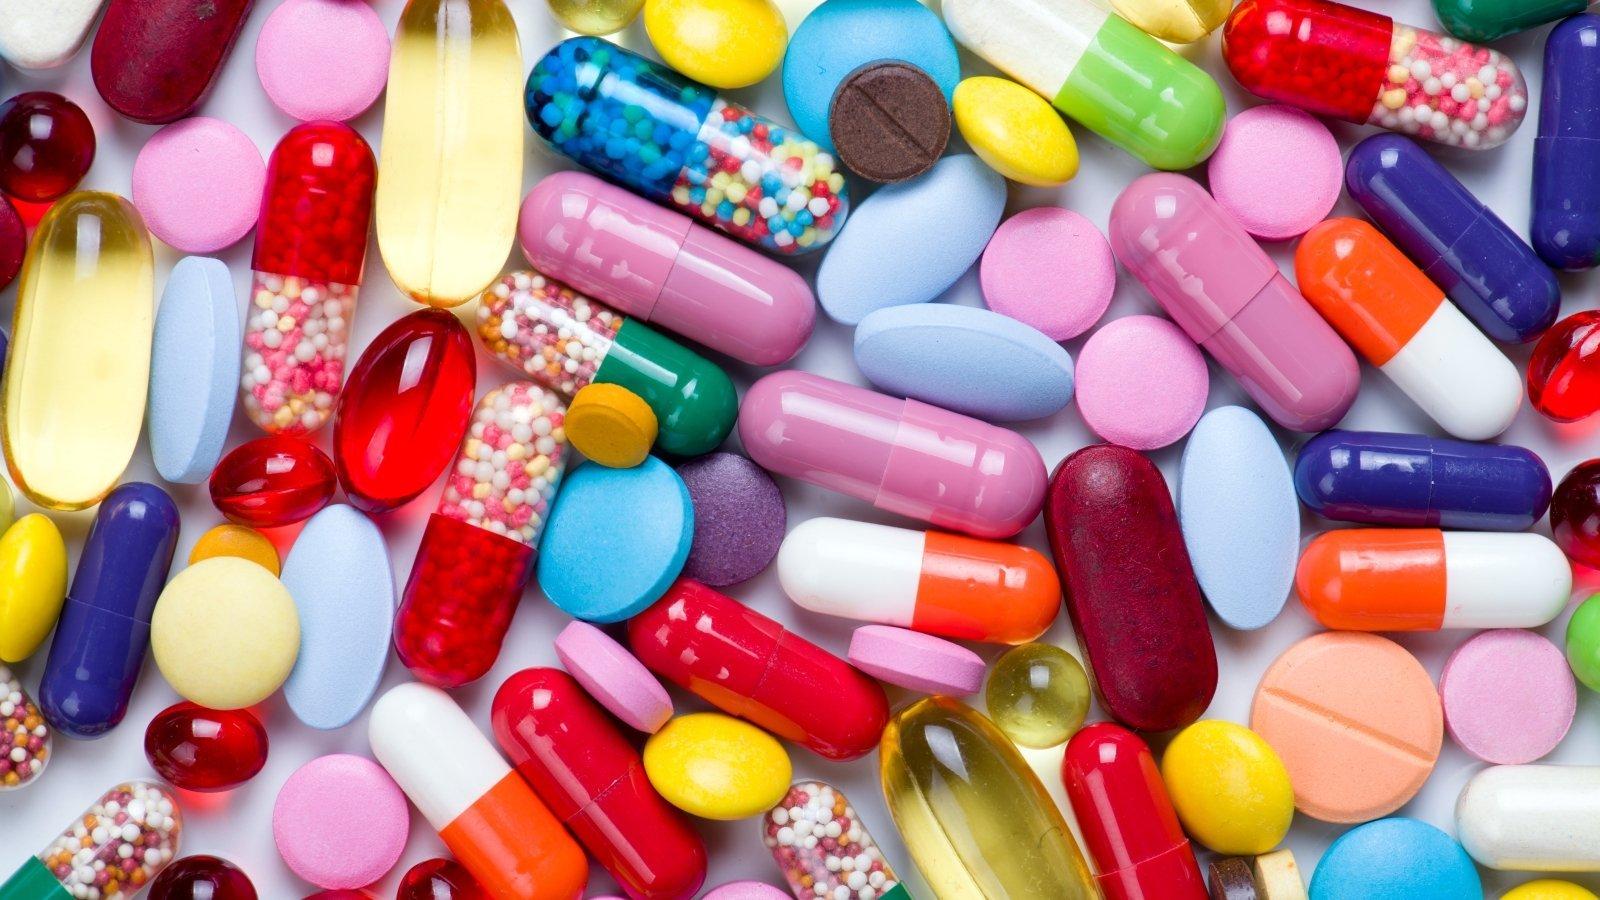 ліки, пігулки, антибіотики